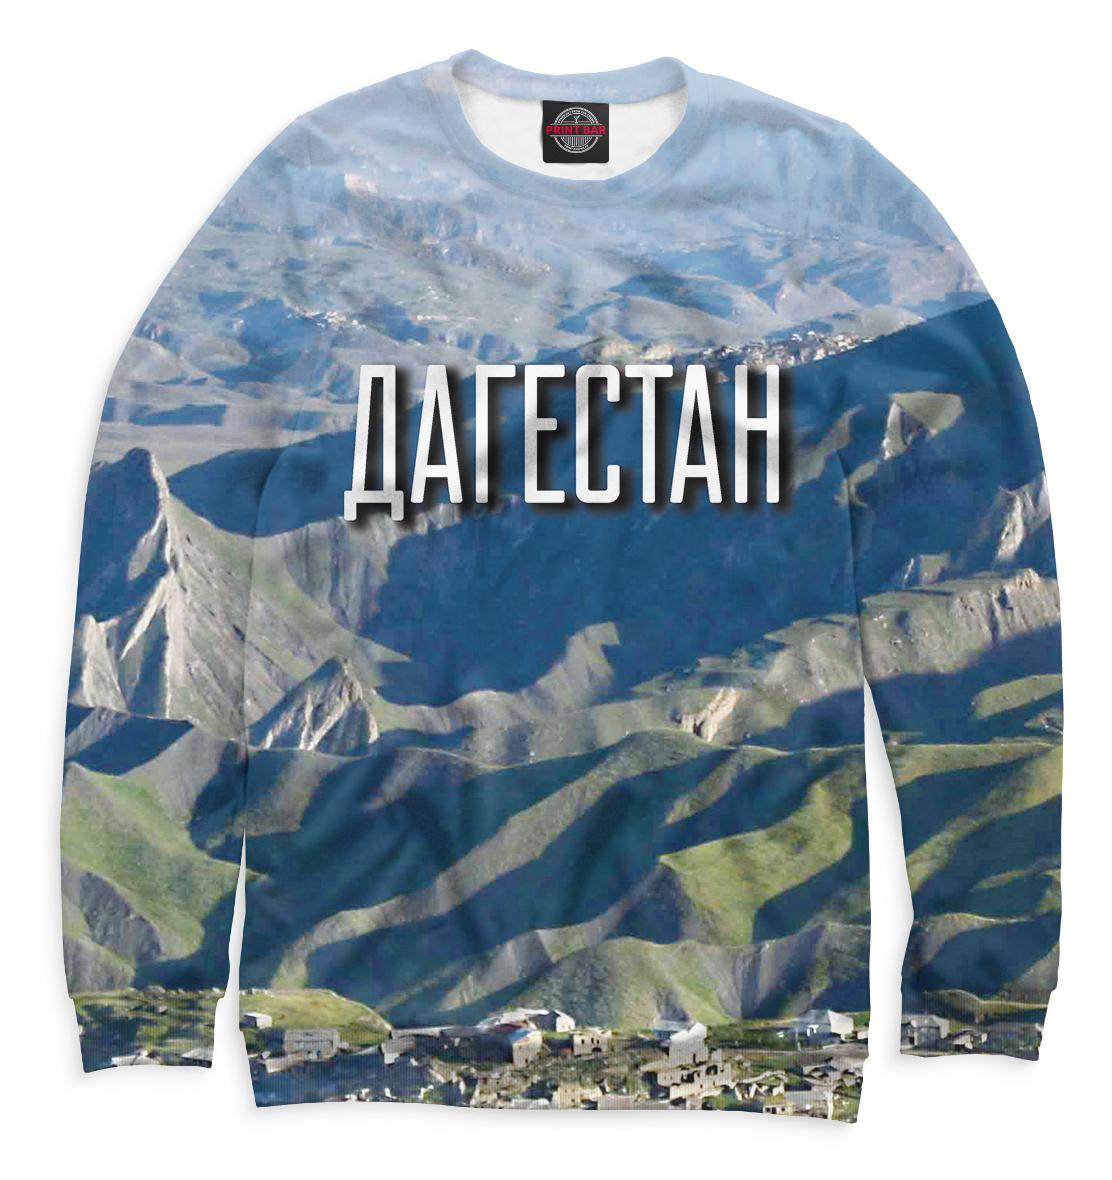 Купить Дагестан, Printbar, Свитшоты, DAG-598232-swi-1